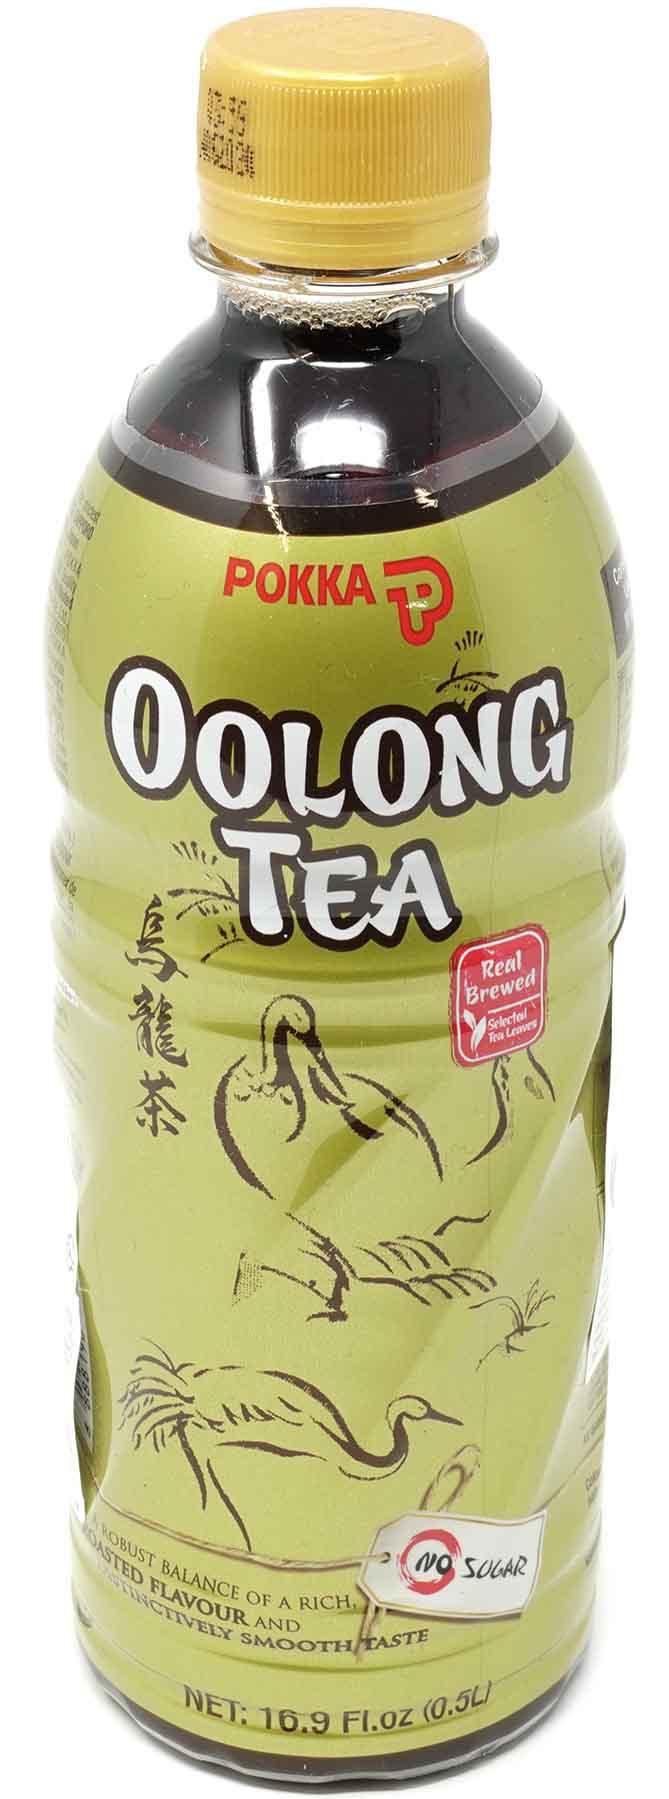 Pokka Oolong Tee, 500 ml